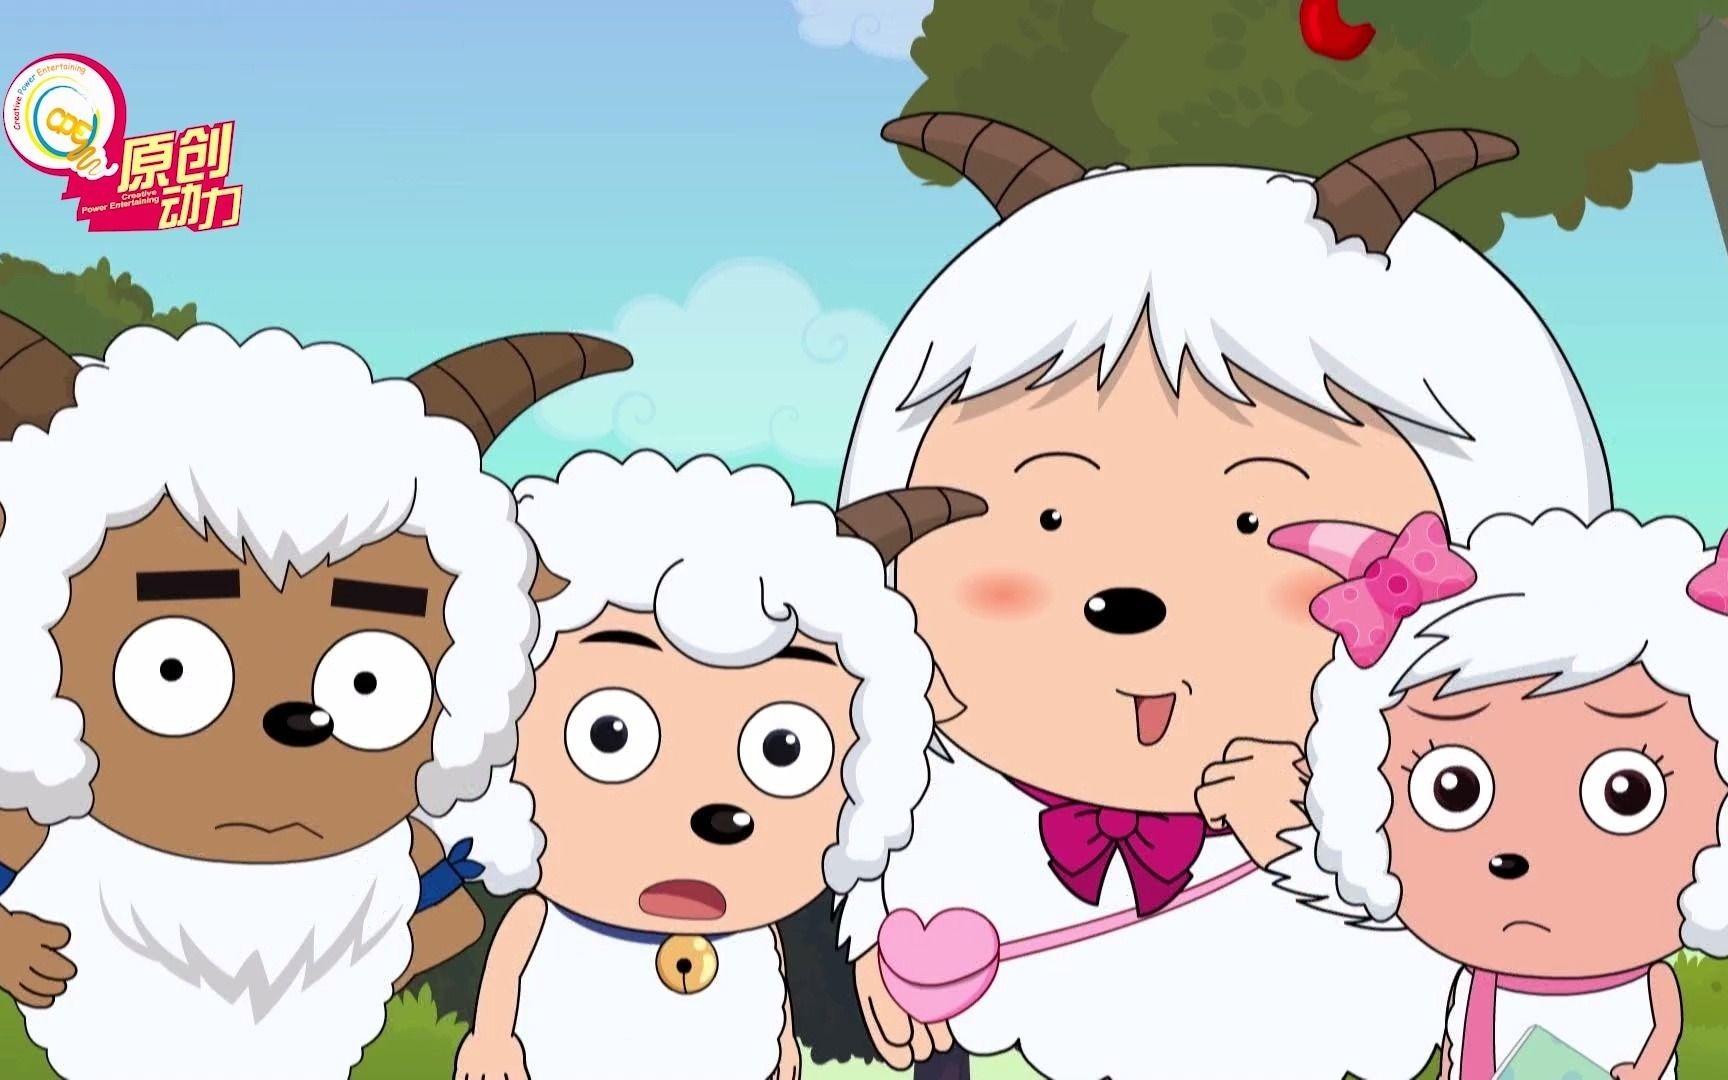 小羊们没写作业,反而一点都不慌,因为有最懒的懒羊羊垫底